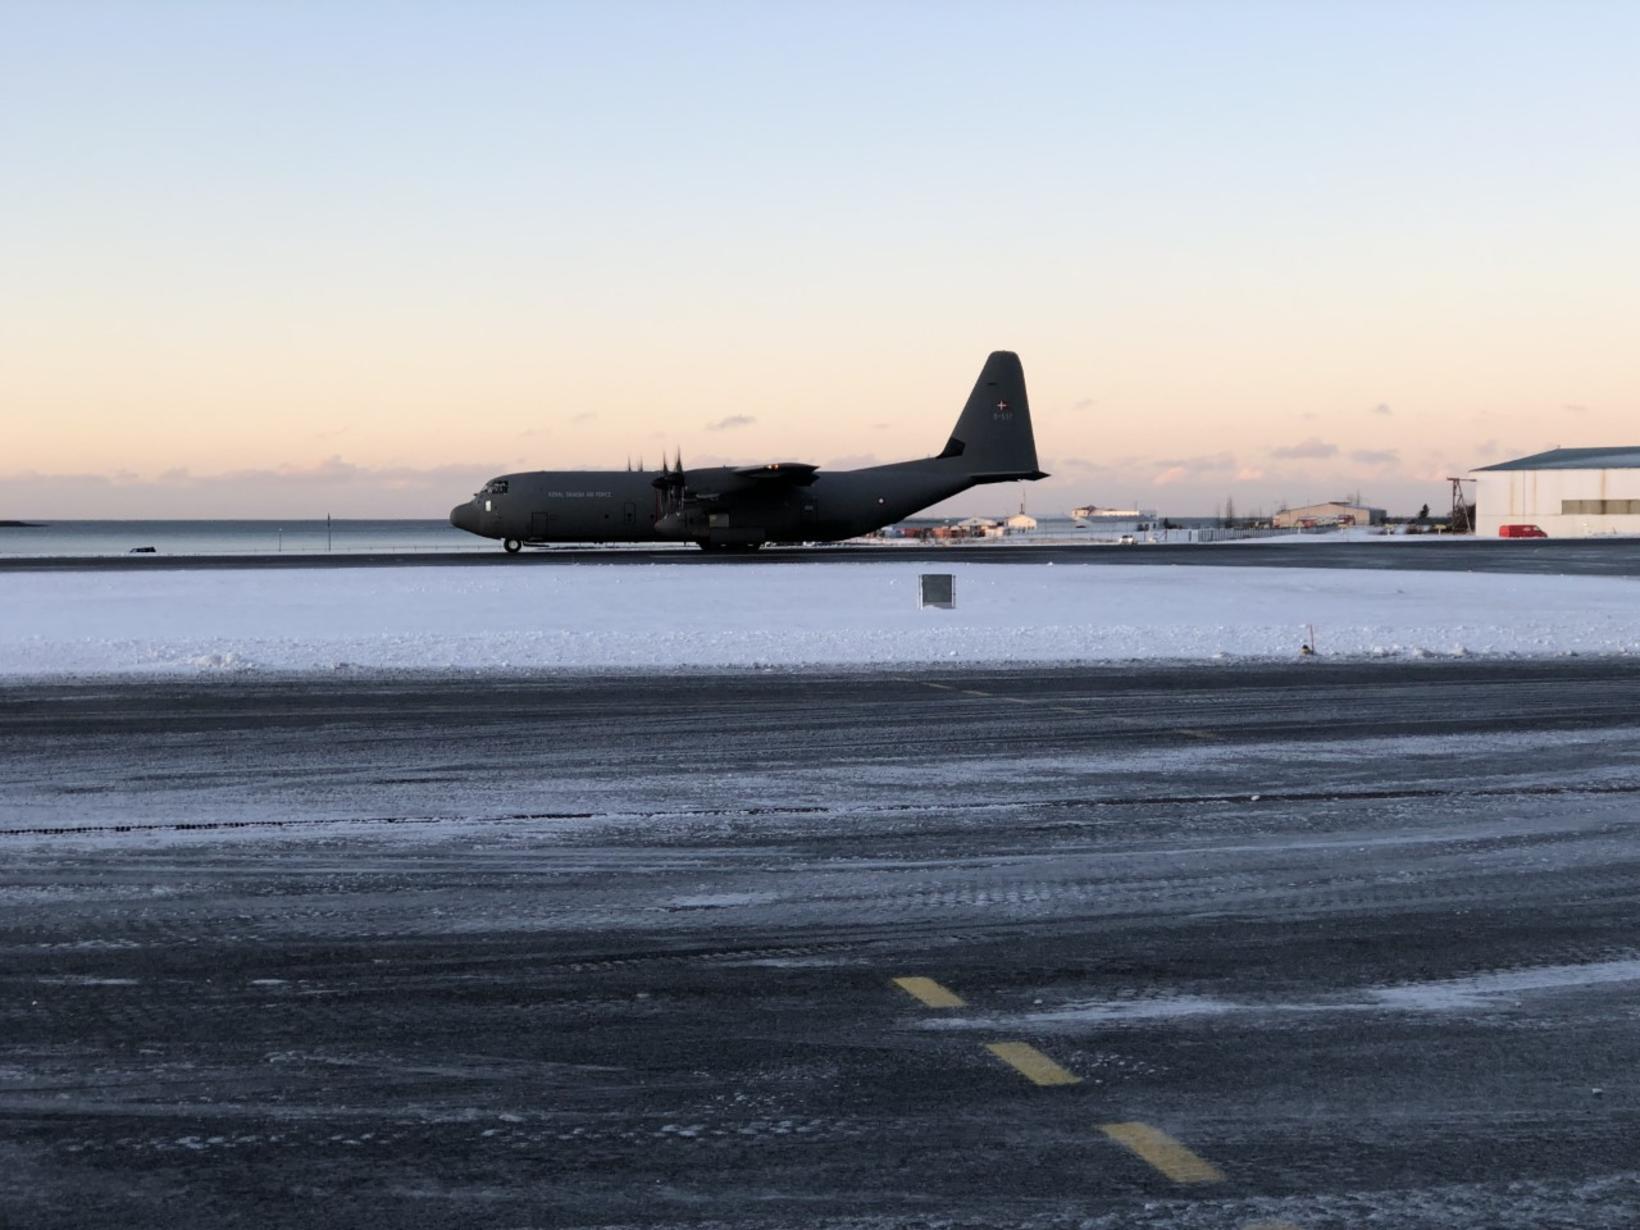 Dönsk C130 Hercules-flugvél flughersins lenti á Reykjavíkurflugvelli kl. 11:48.